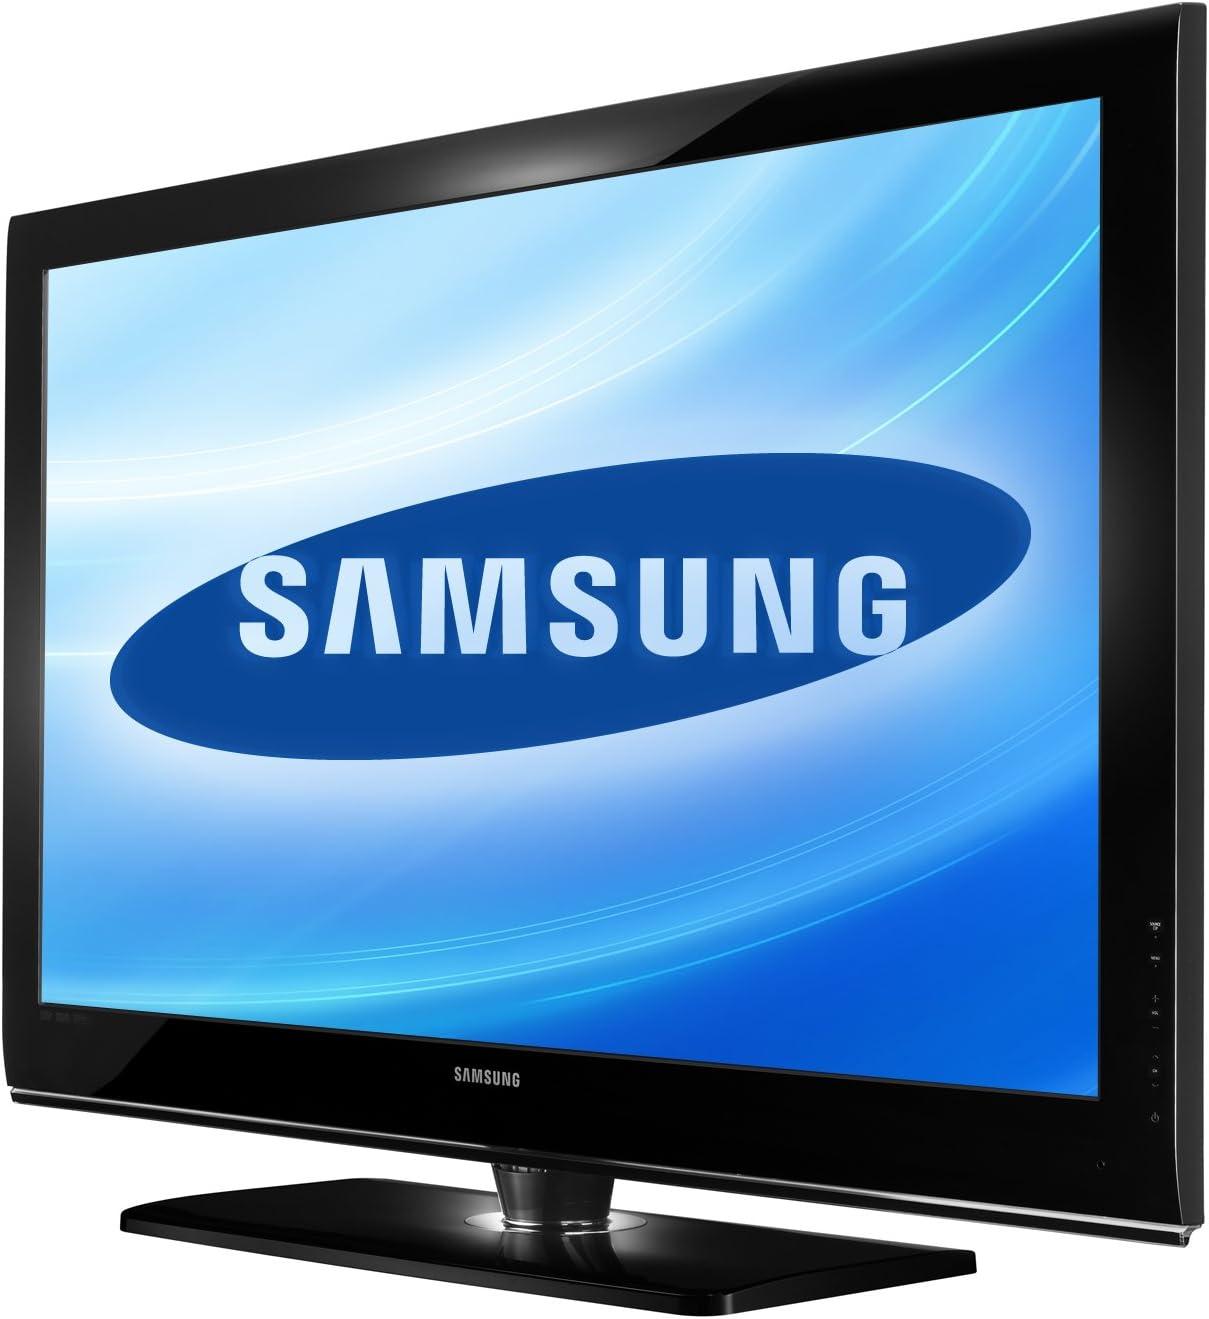 Samsung PS 50 A 556 - Televisión Full HD, Pantalla Plasma 42 pulgadas: Amazon.es: Electrónica